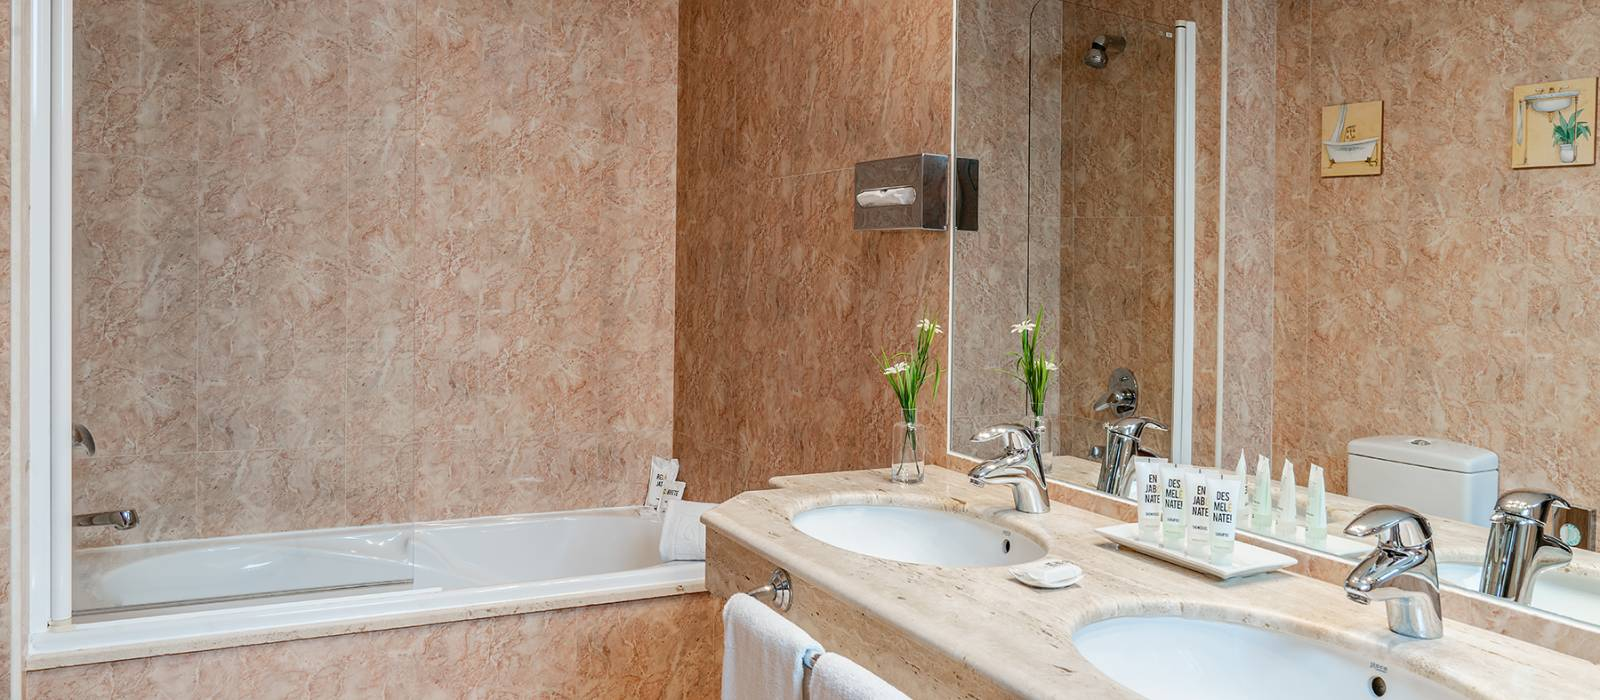 Rooms Hotel Ciudad de Salamanca - Vincci Hotels - Double Room